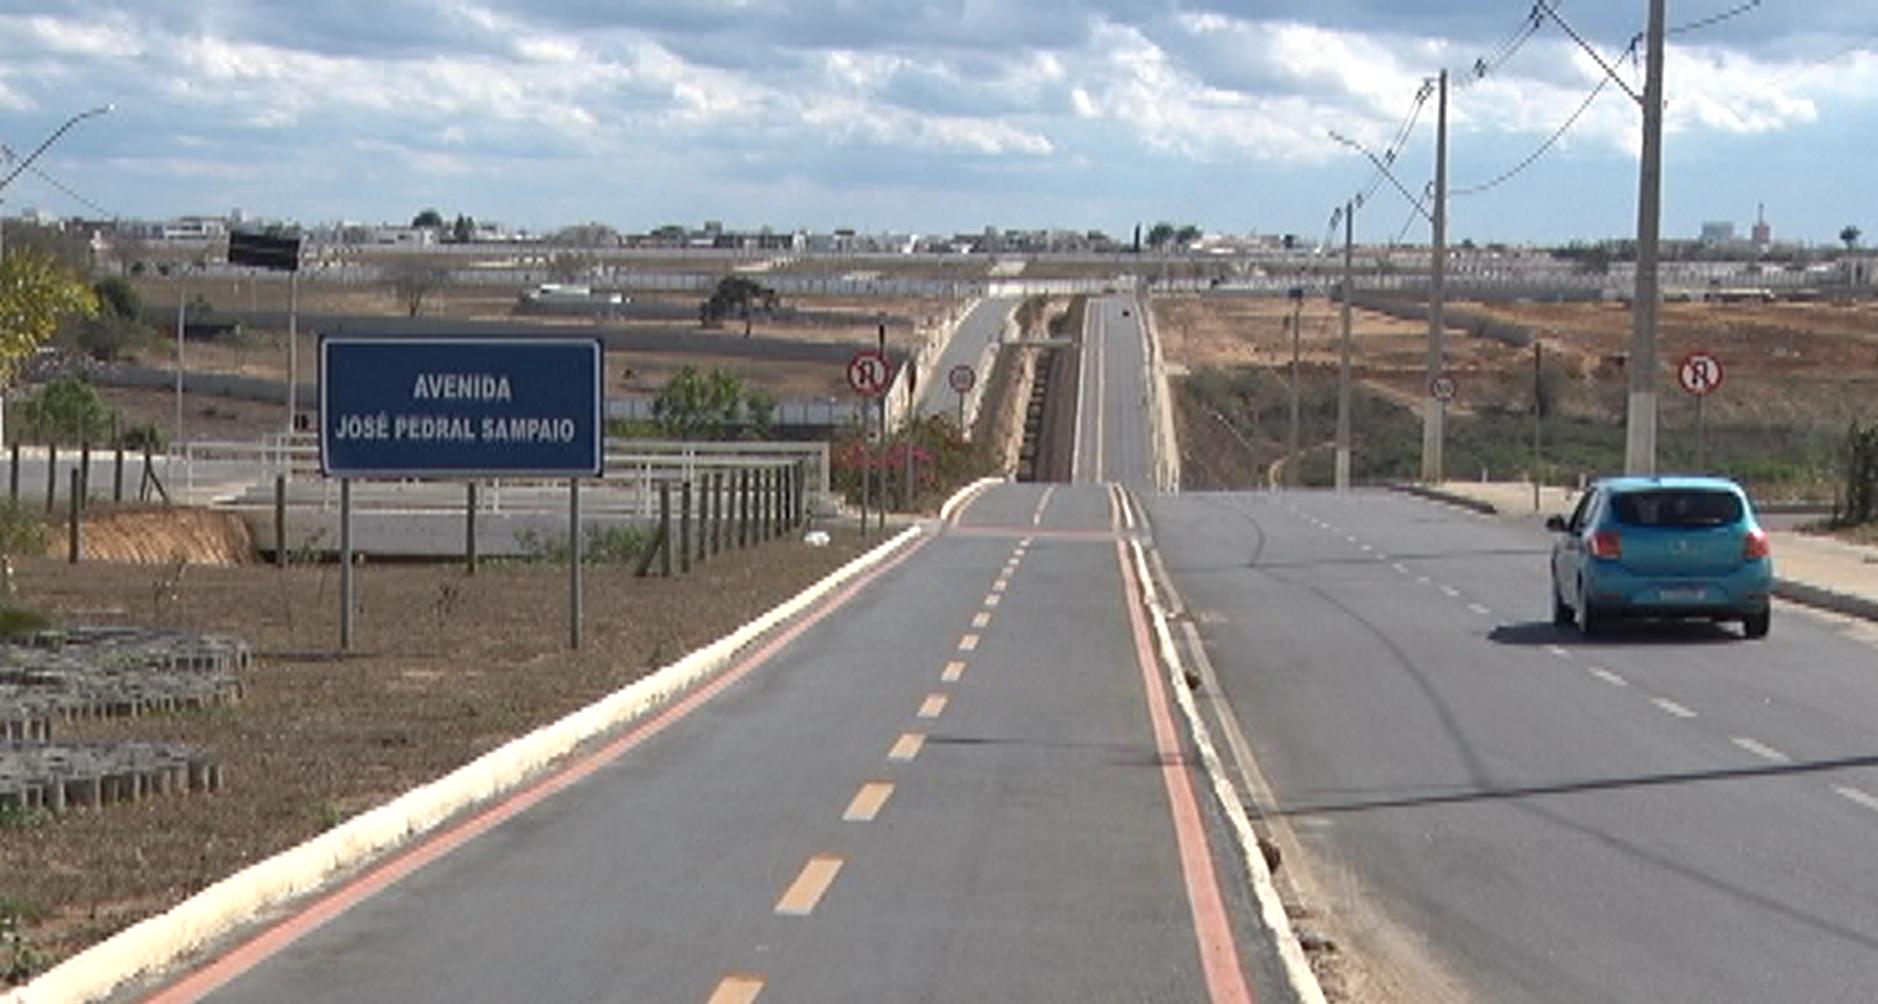 Avenida Perimetral em Conquista